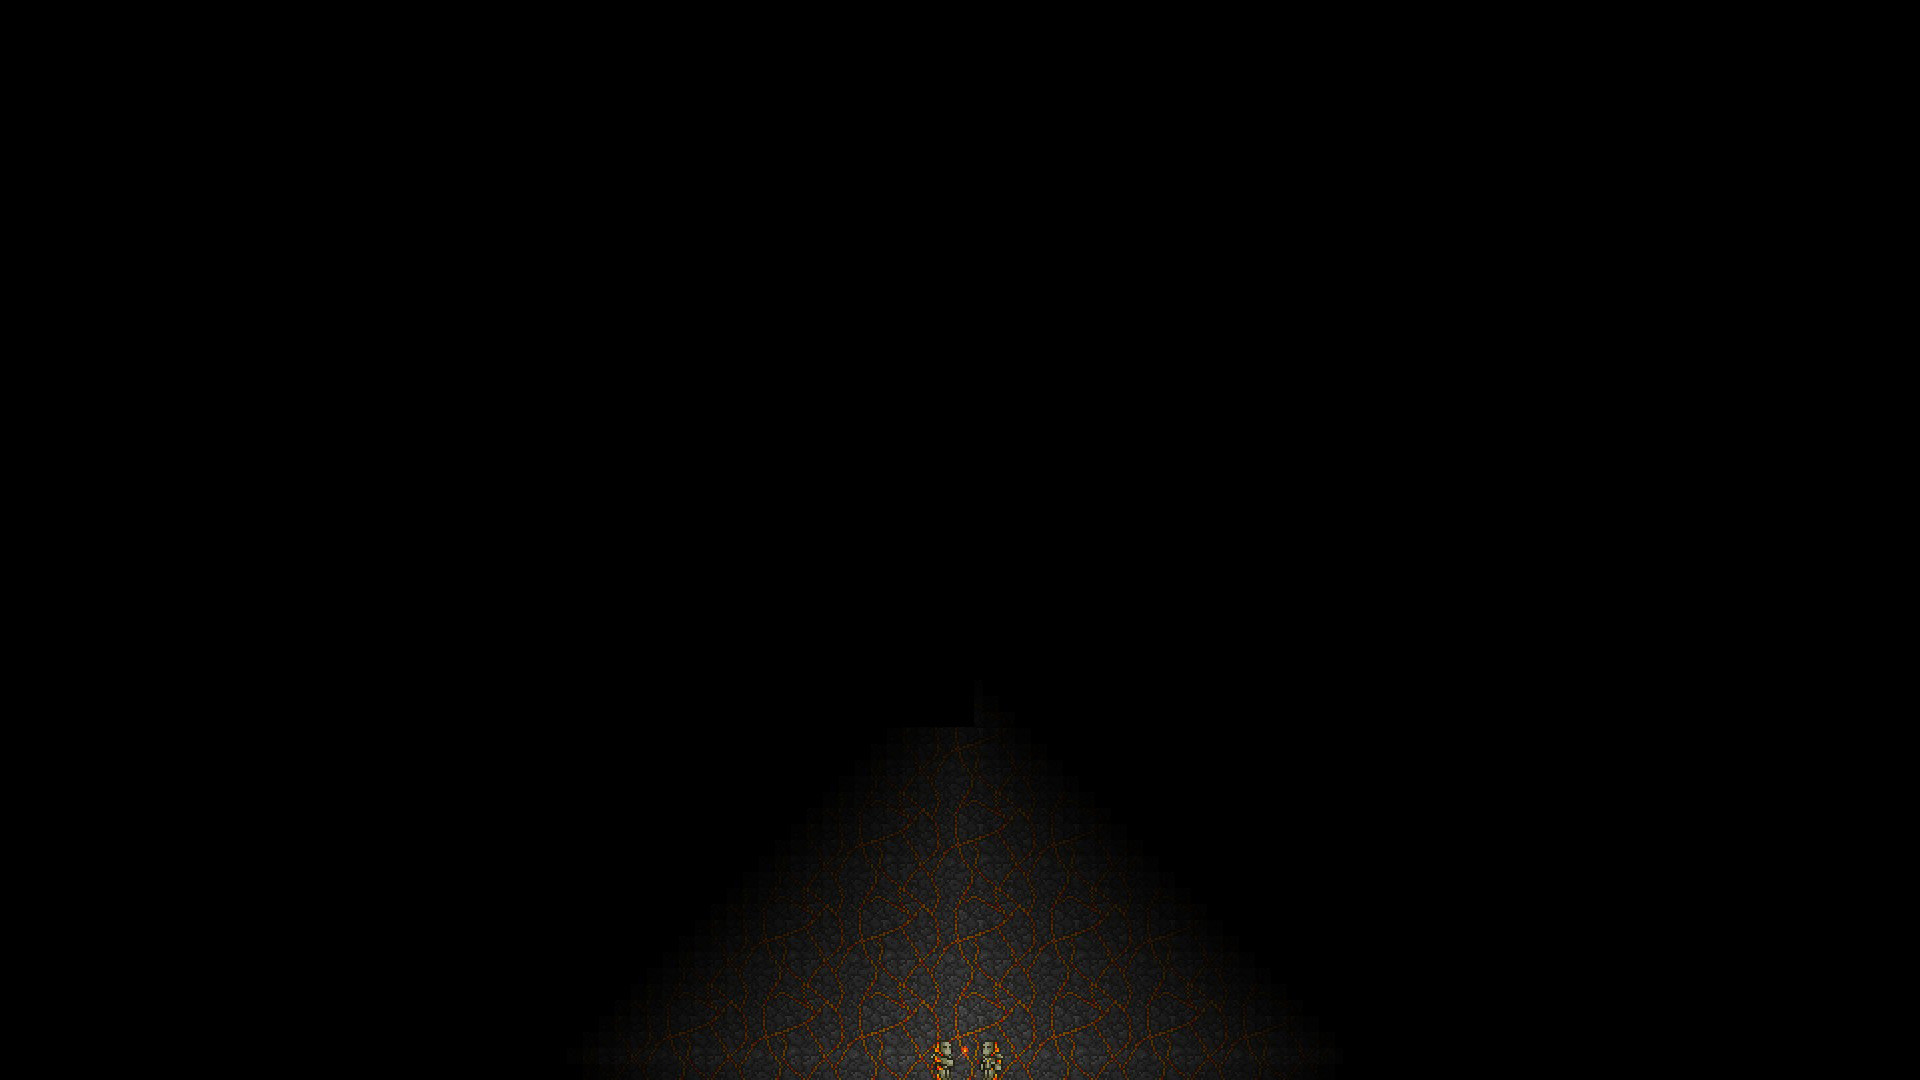 Dark Minimalist Wallpaper ·①